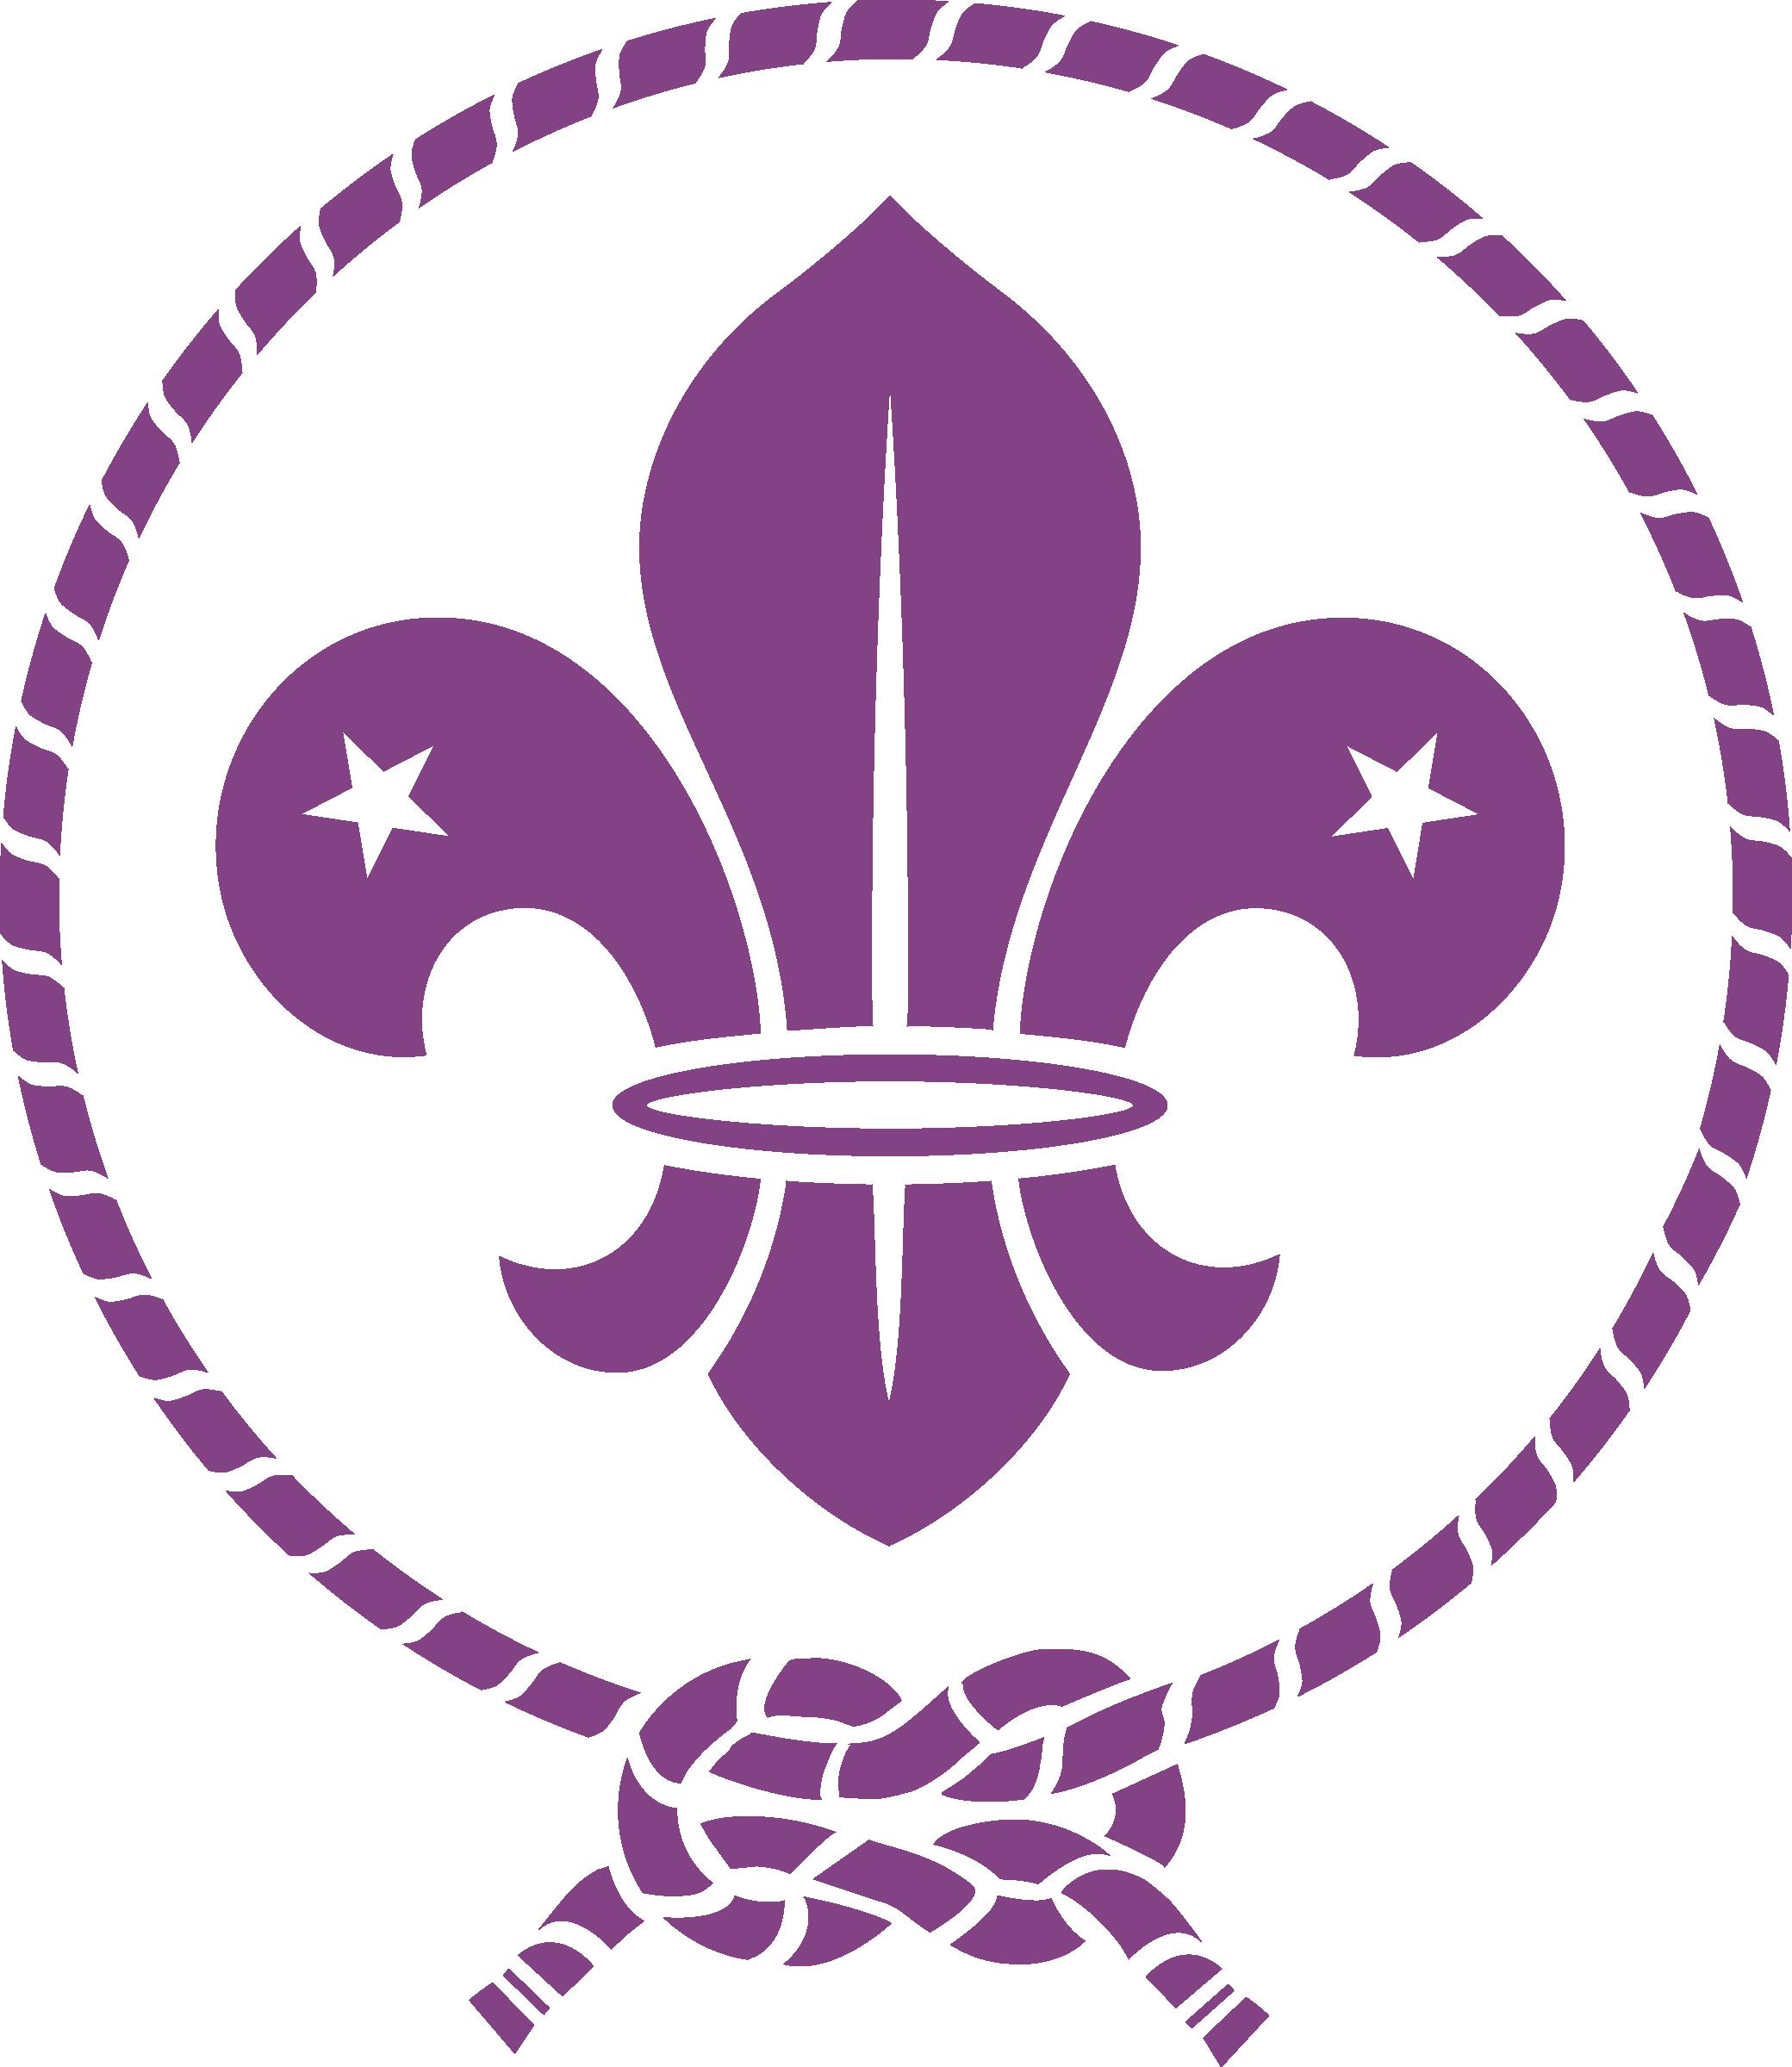 WOSM Logo PNG Free Downloads, Logo Brand Emblems Pramuka